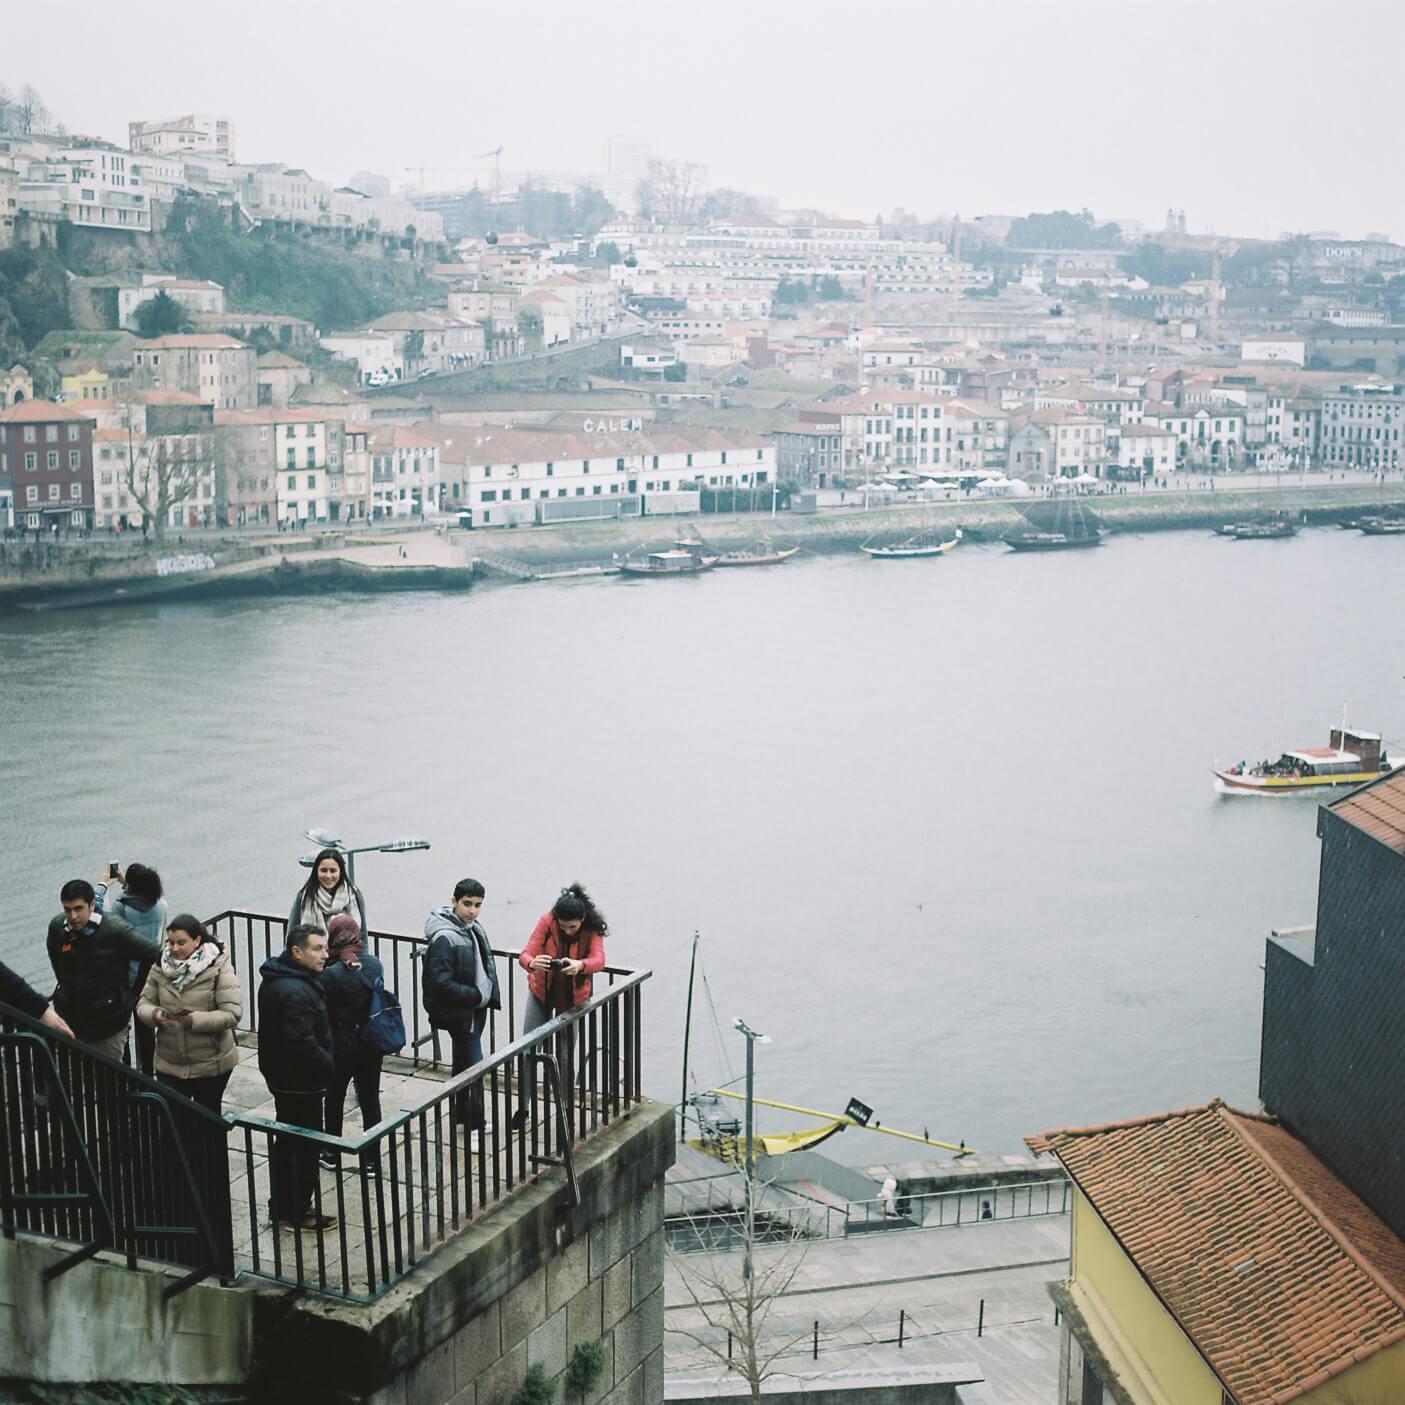 これまで訪れた16カ国の中で、「住みたい」と思った3つの都市